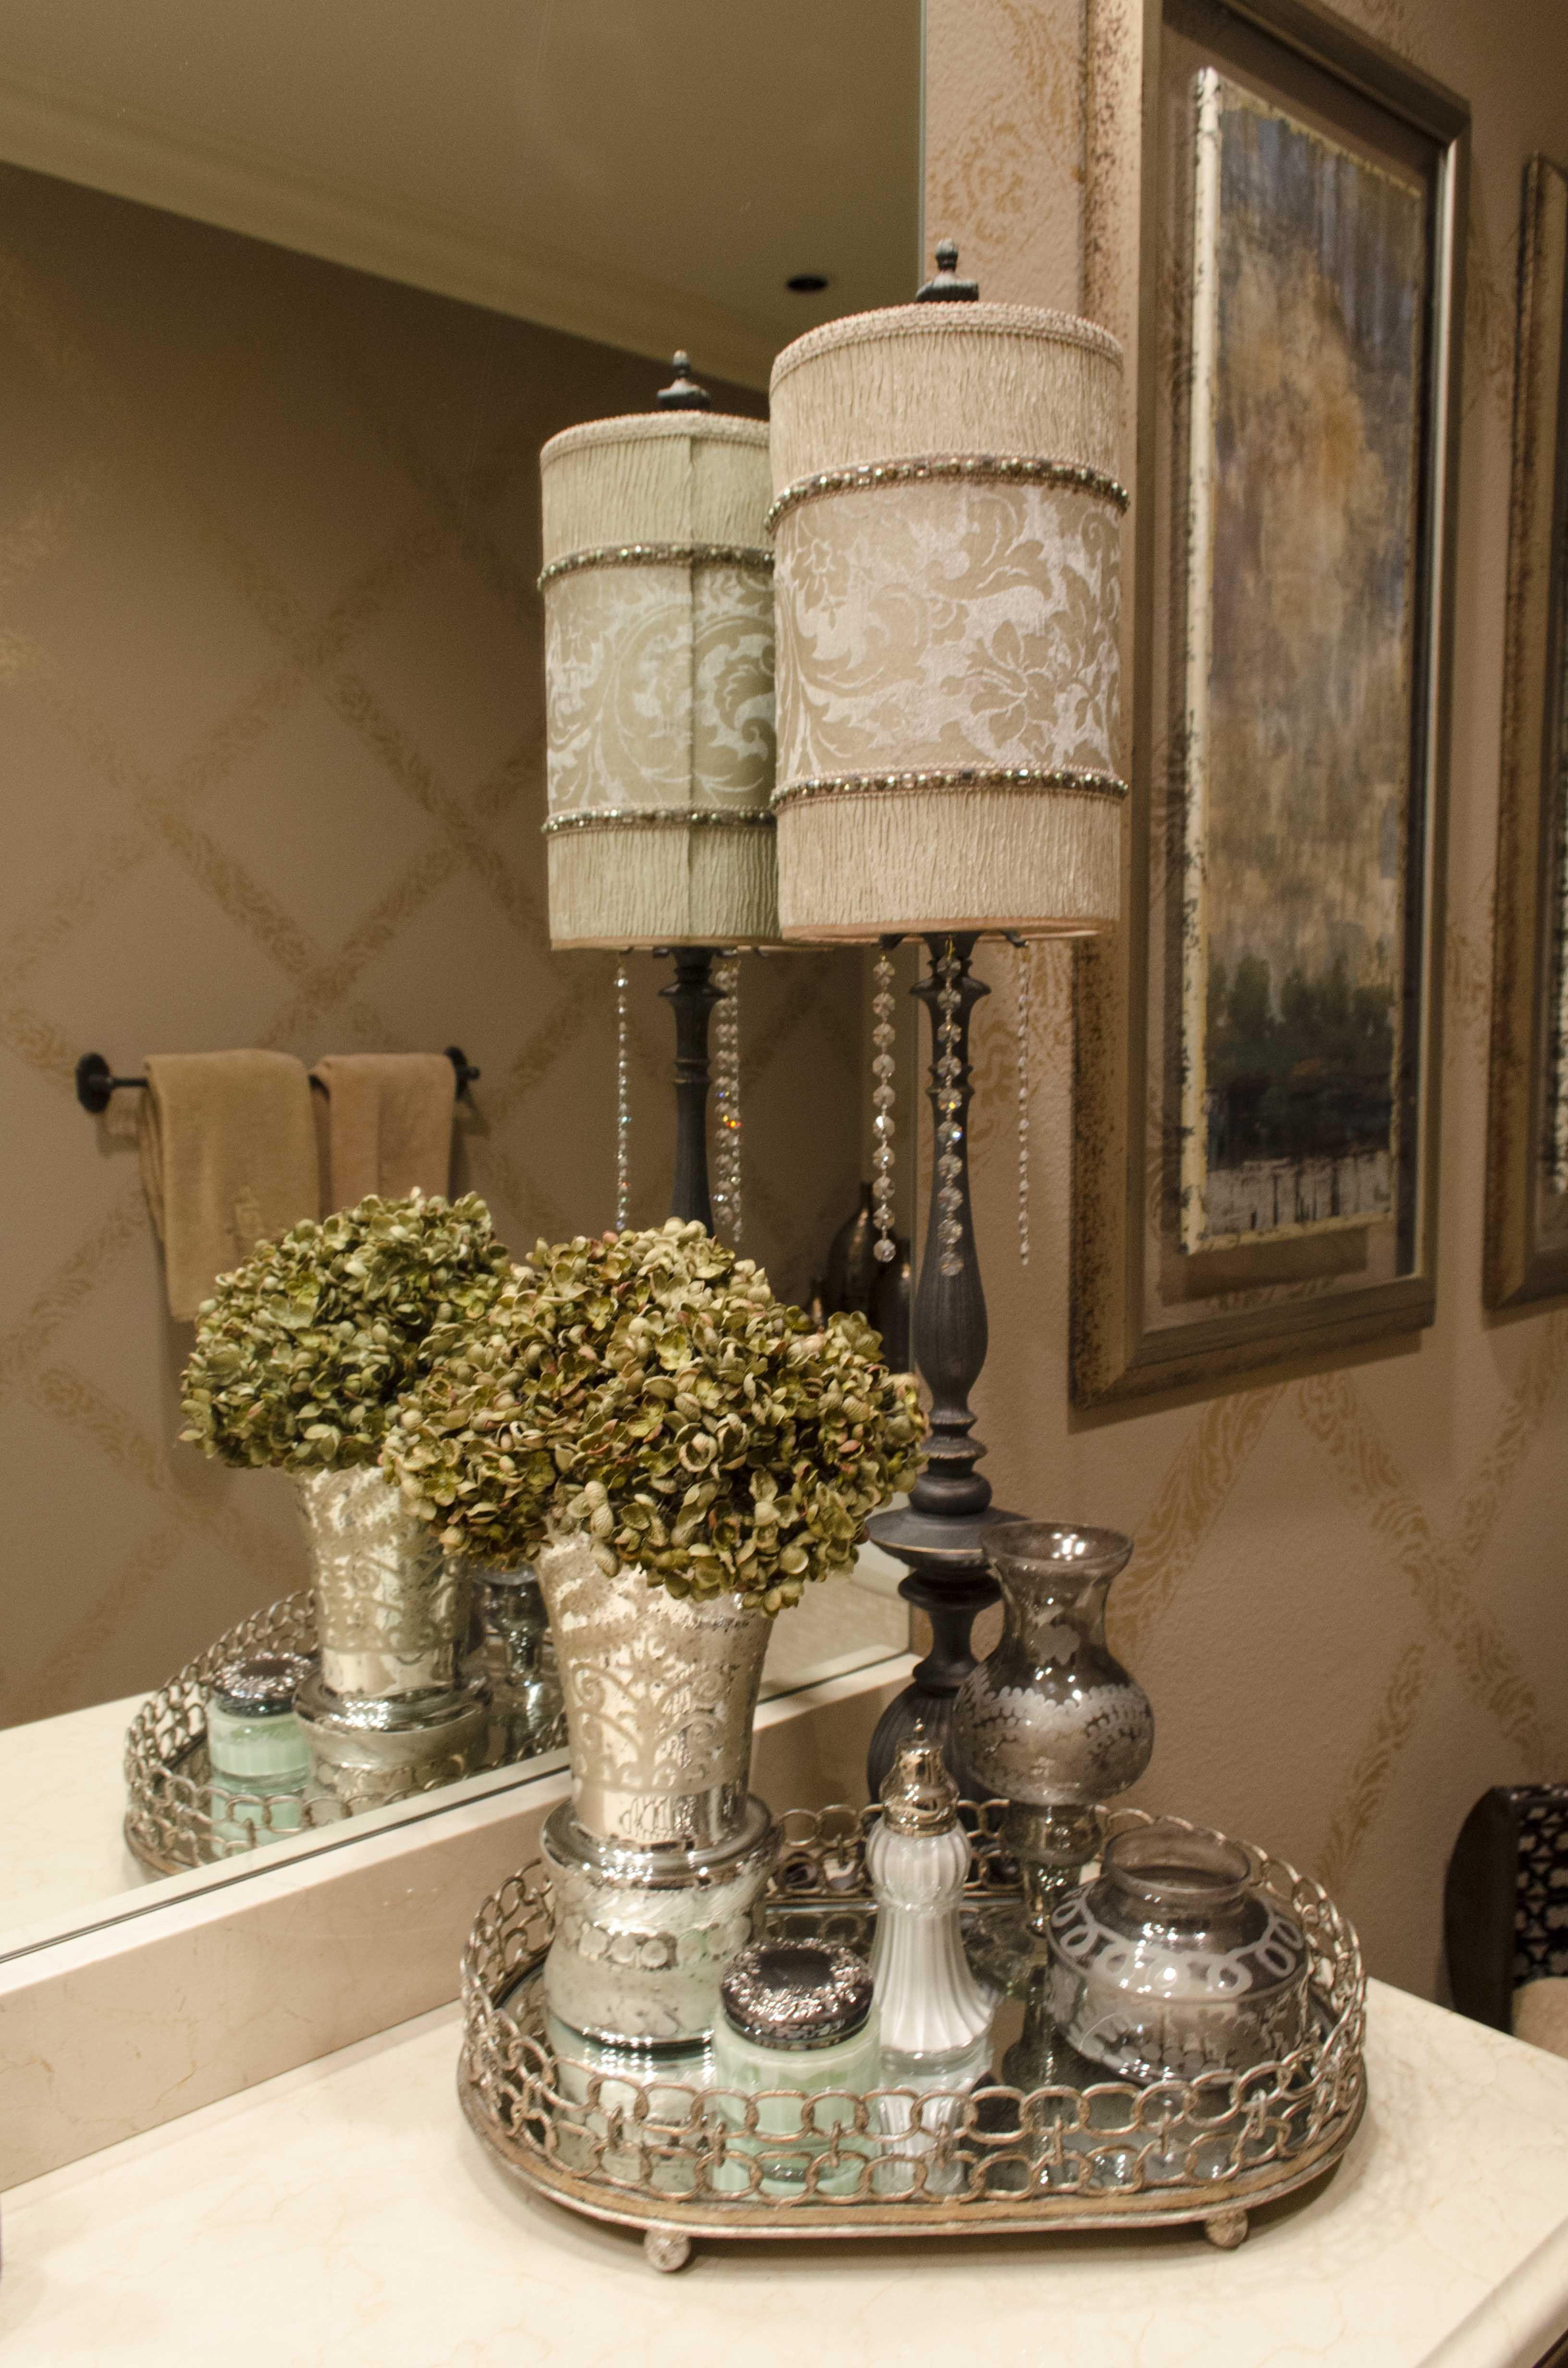 Gooddsc 0144 Tuscan Bathroom French Bathroom Bath Decor